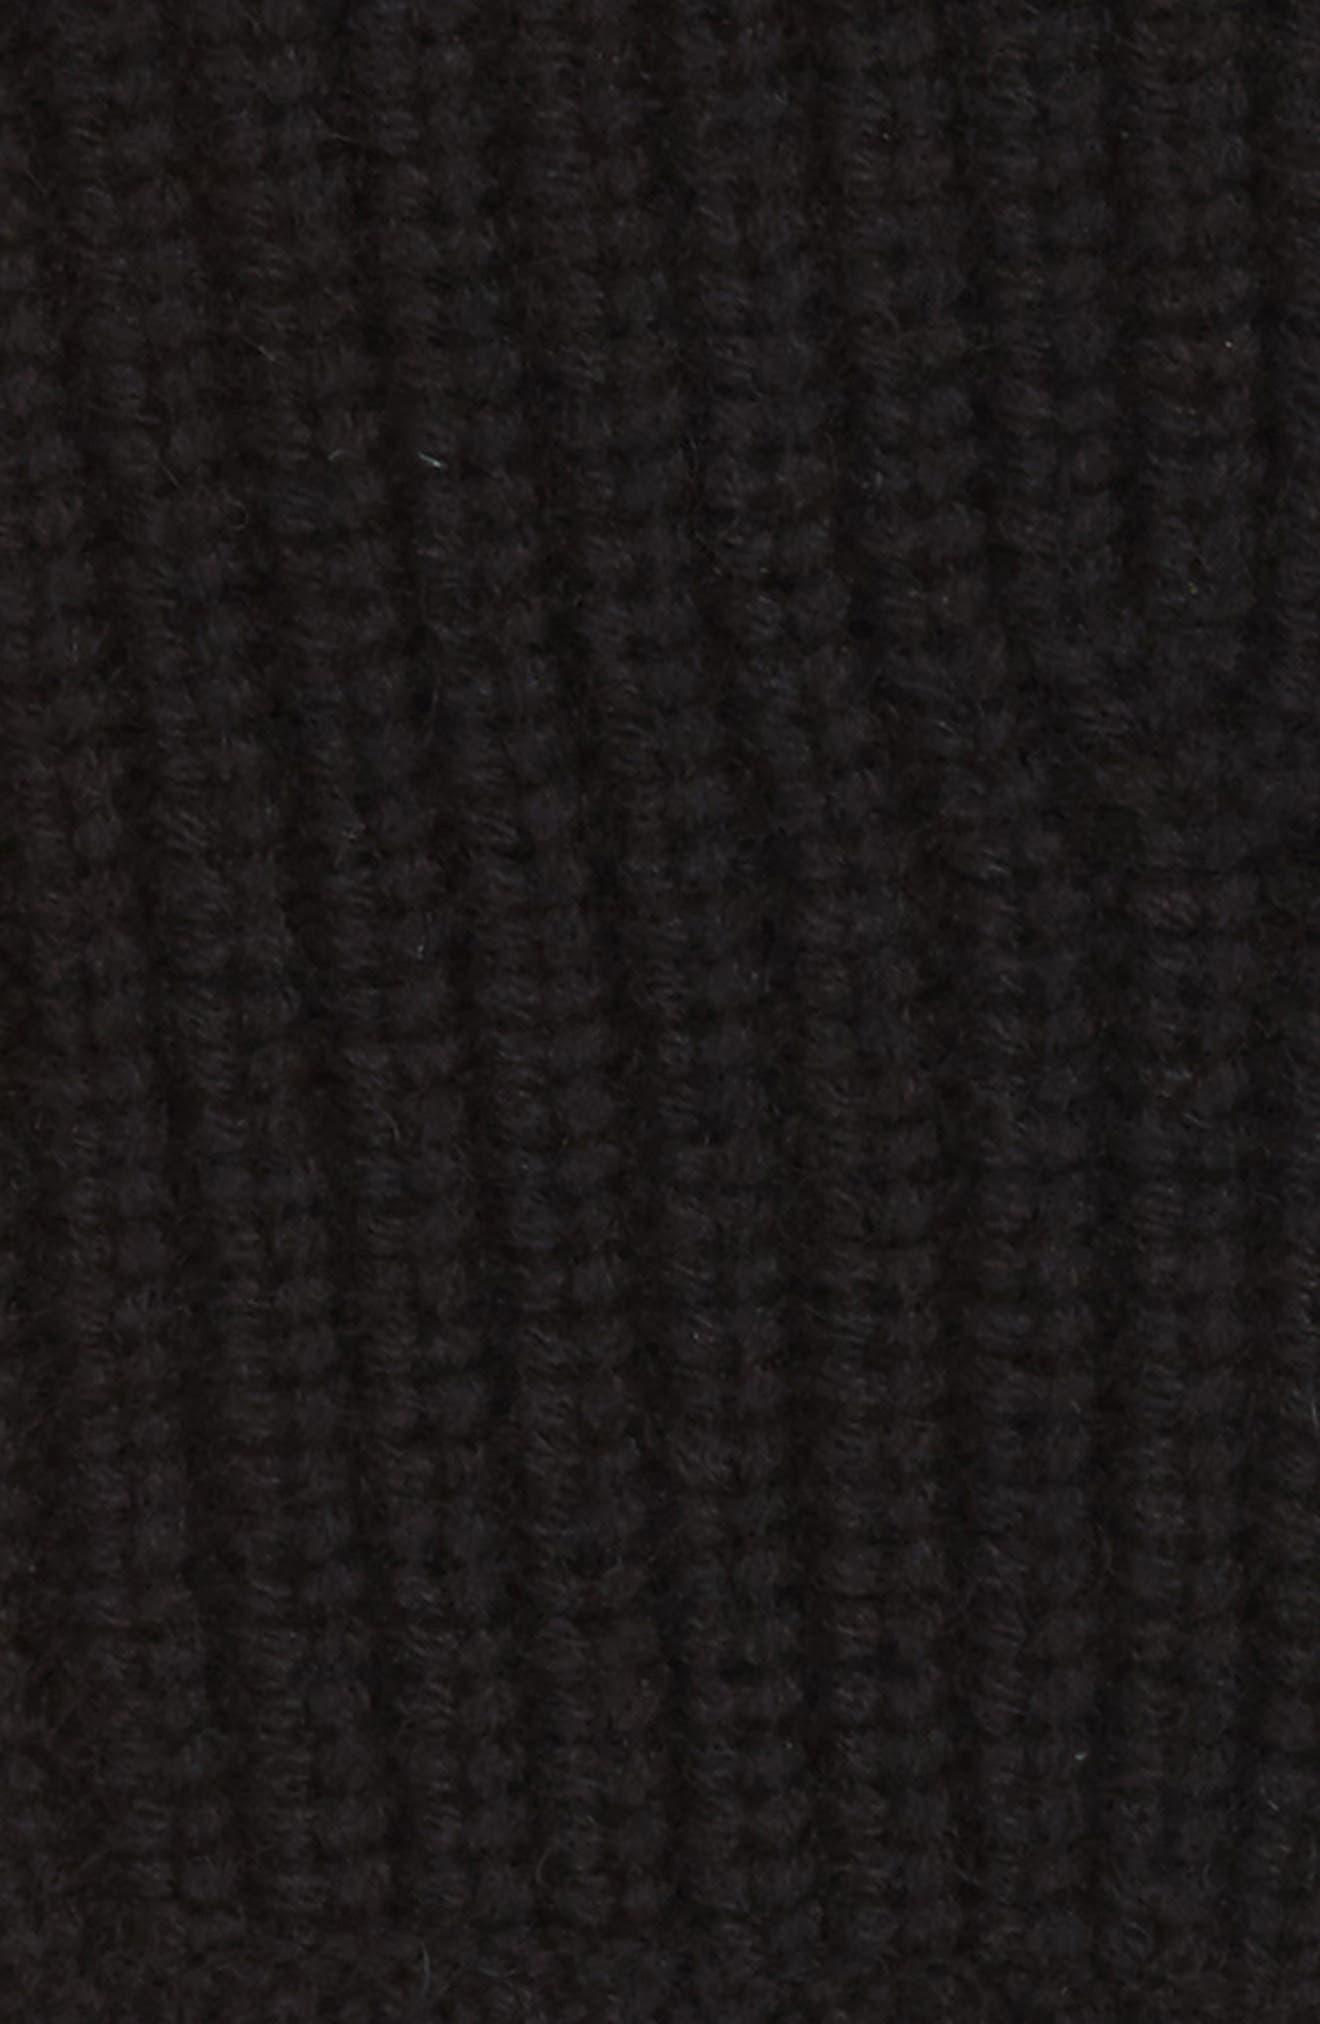 Alternate Image 2  - rag & bone Ace Cashmere Knit Fingerless Gloves